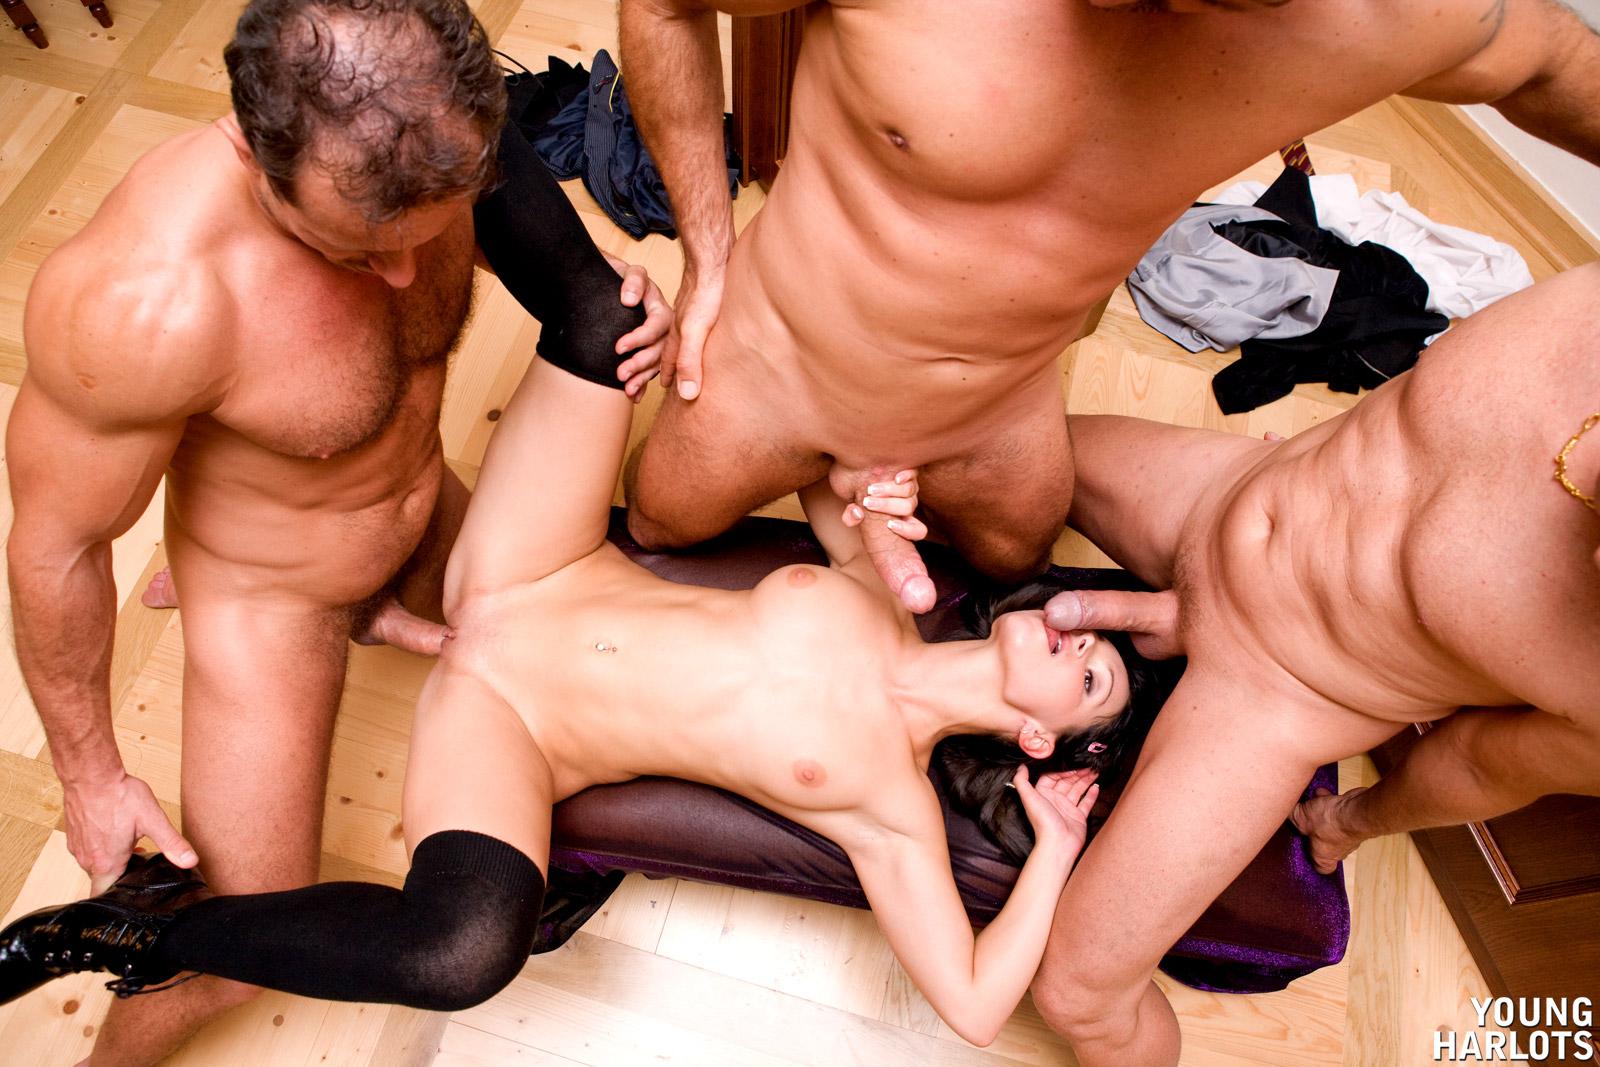 шумок, парень, одна девушка на троих парней ебет девку своим